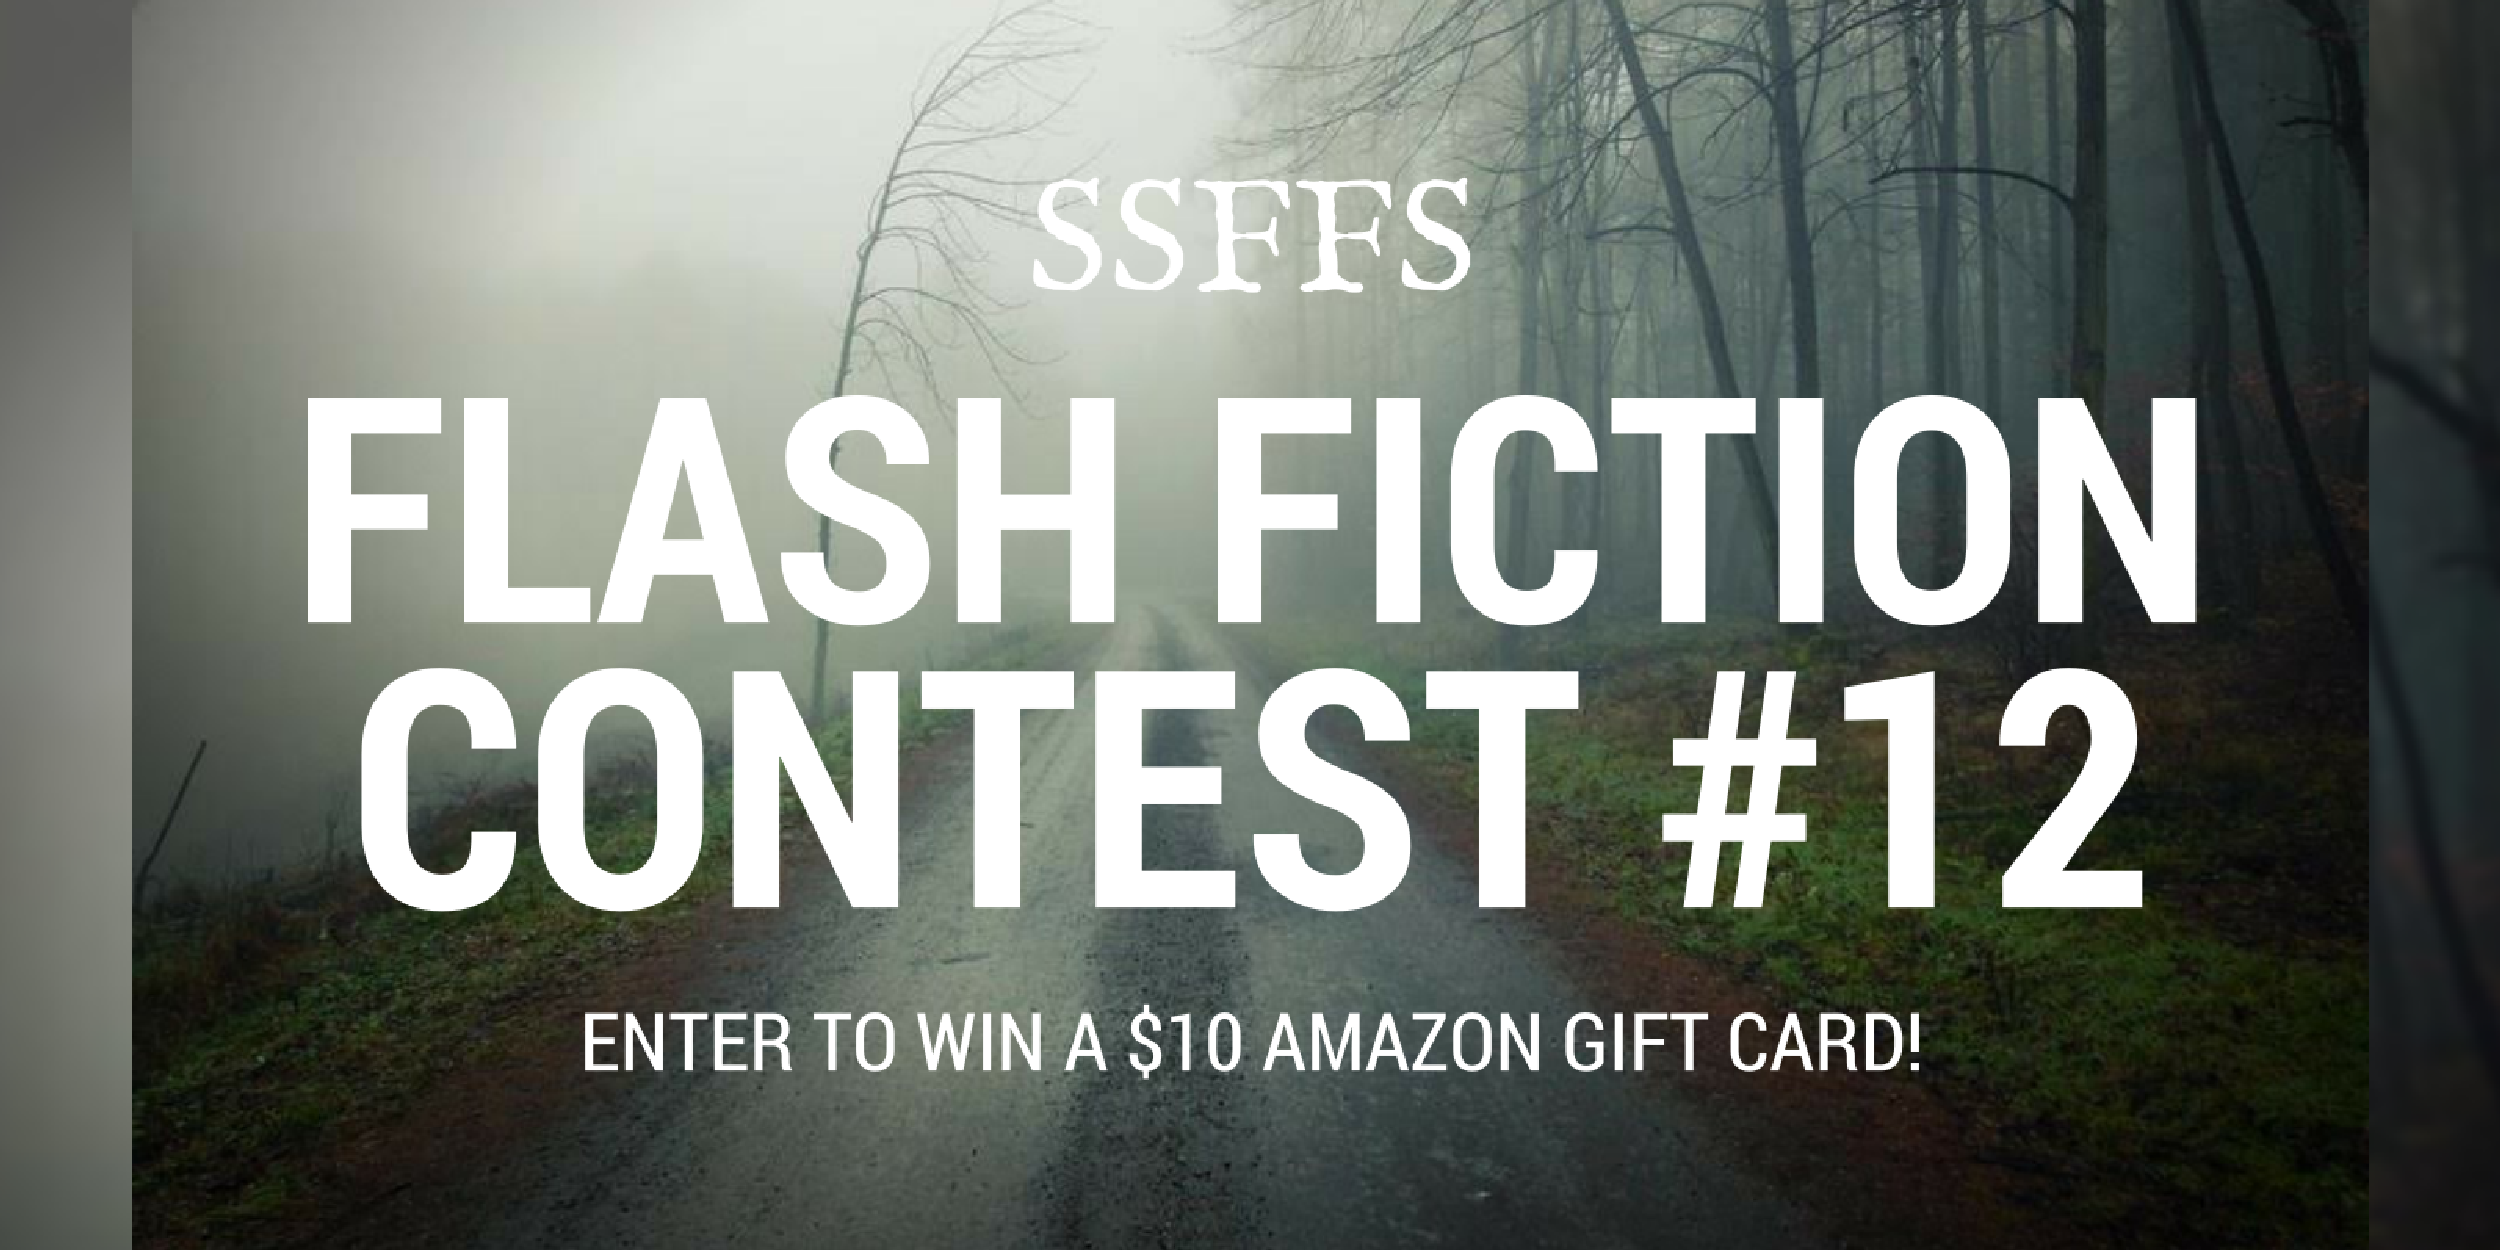 ssffs-flash-fiction-contest-12